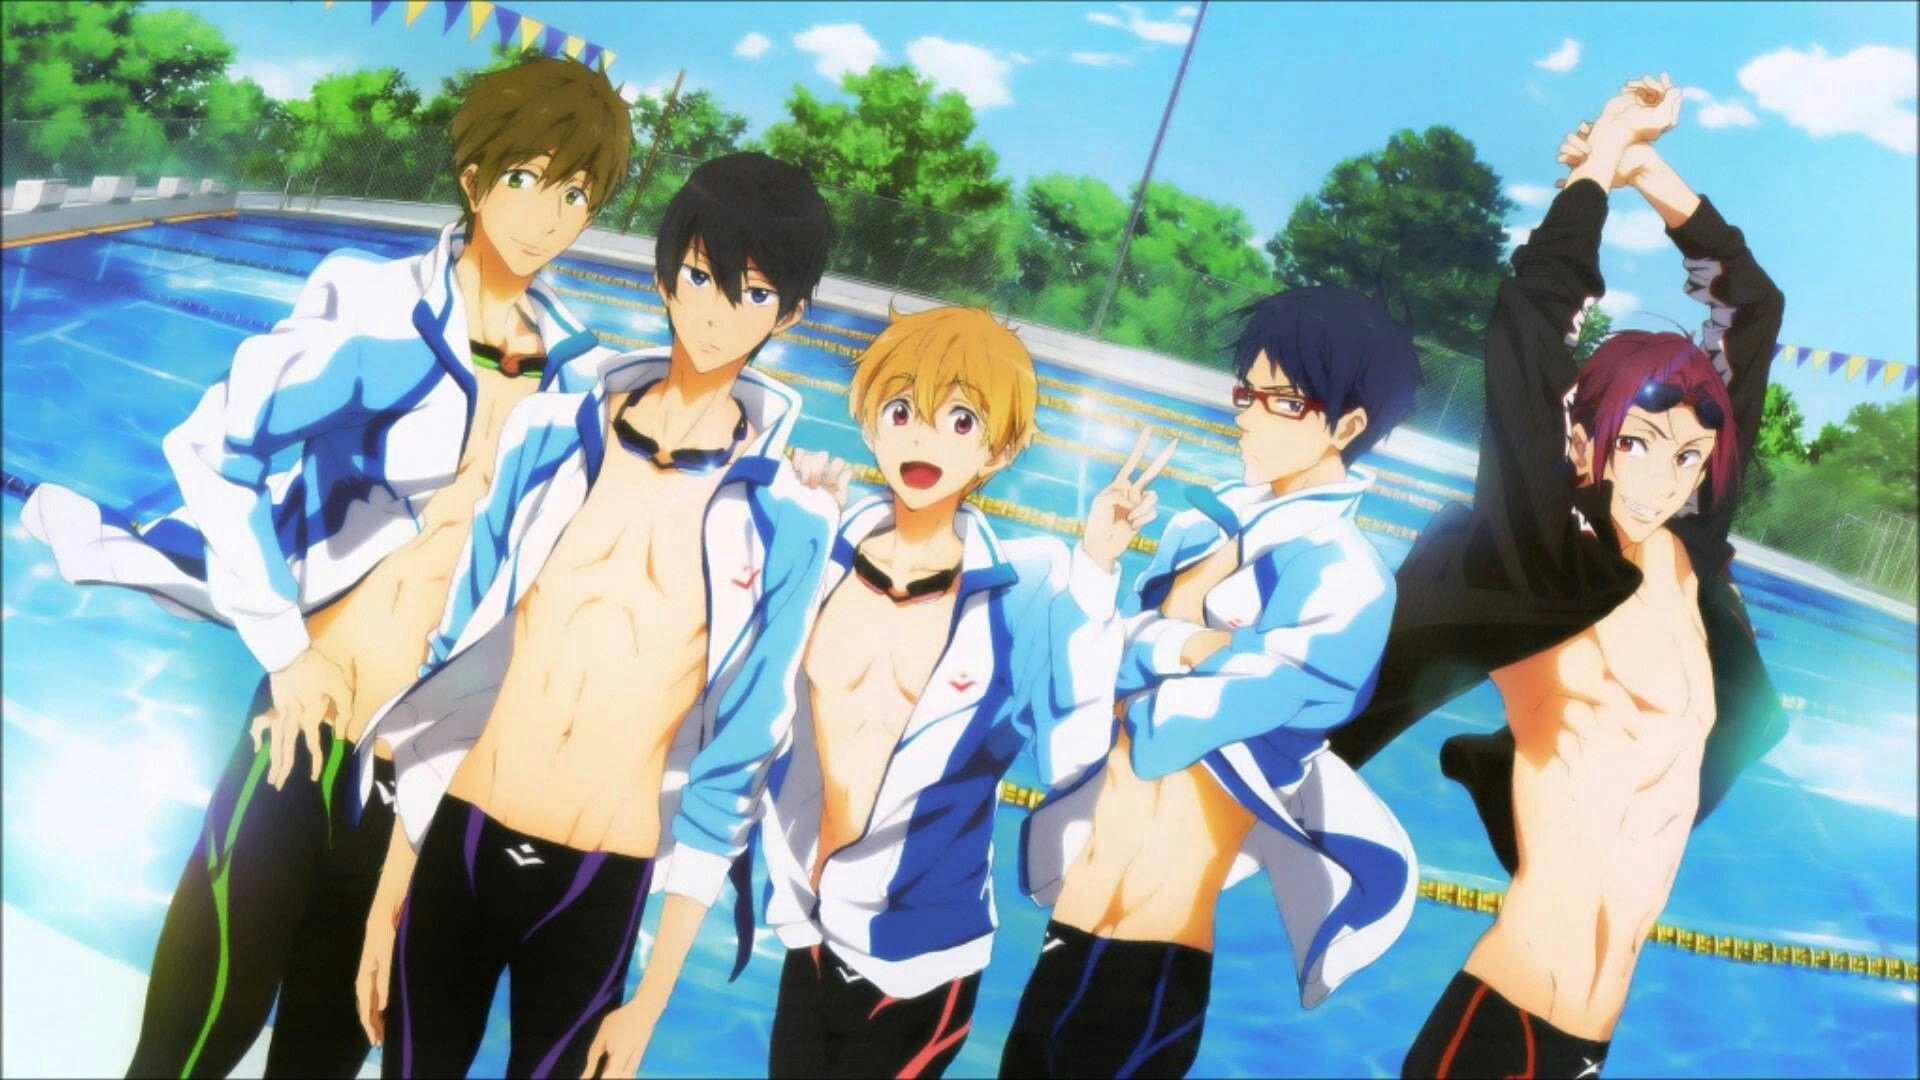 Free Iwatobi Swim Club Wallpapers Top Free Free Iwatobi Swim